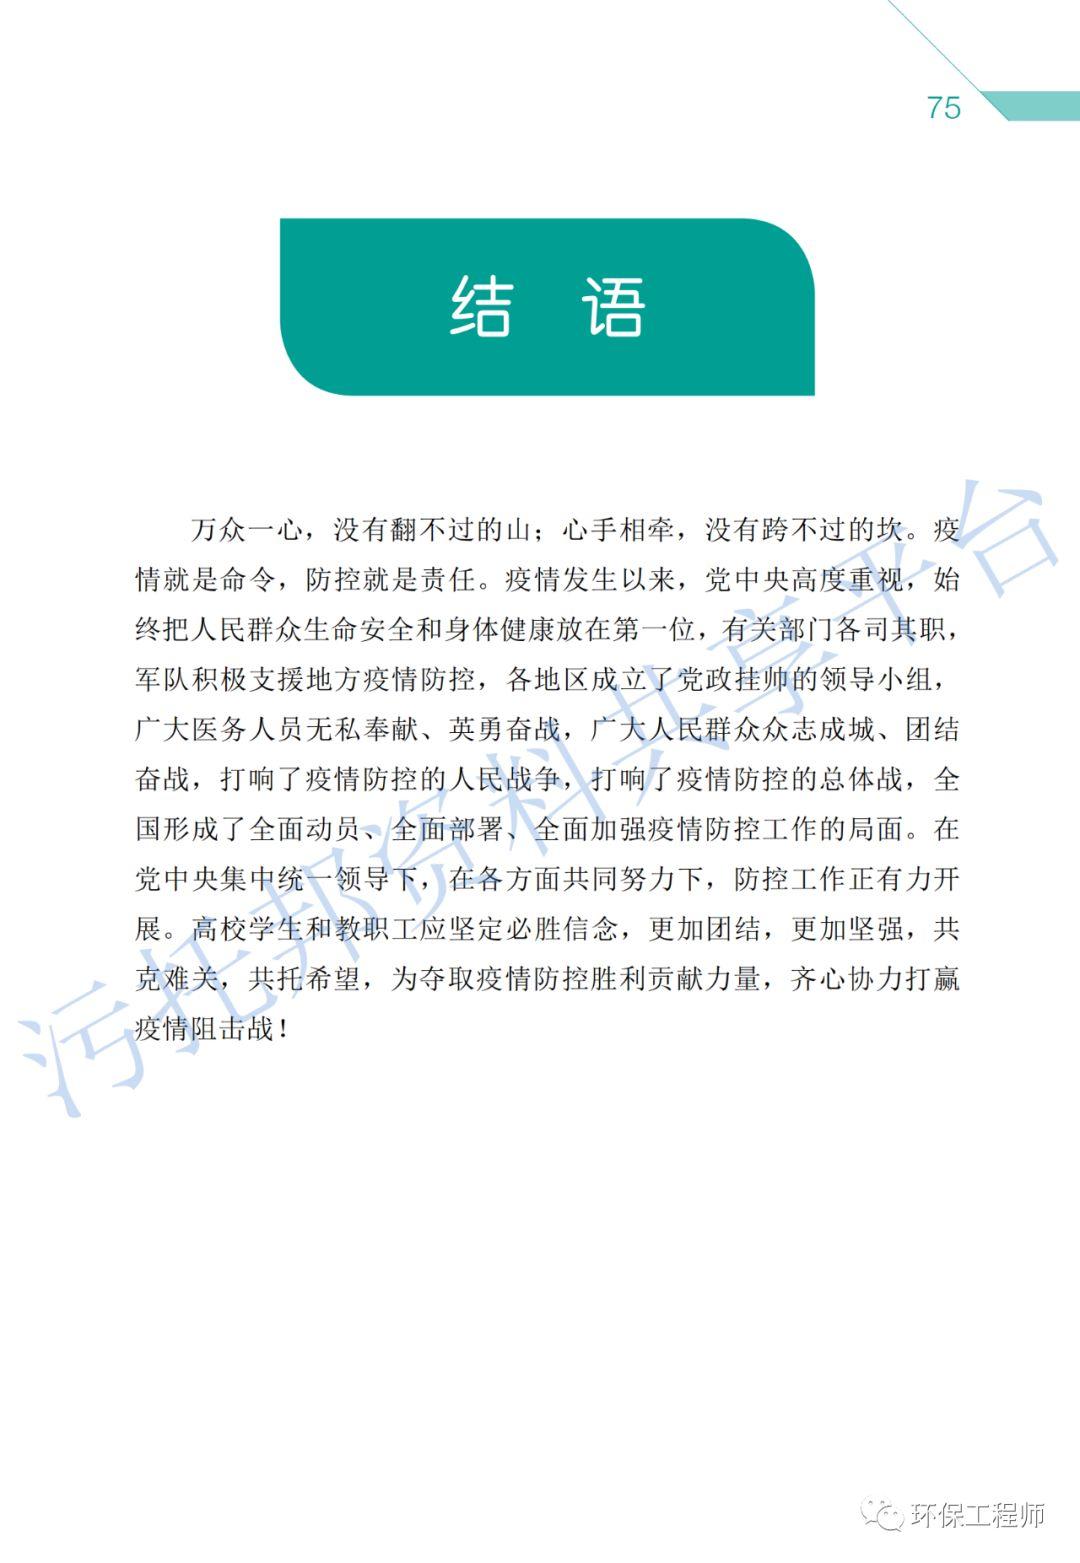 《环保从业人员新型冠状病毒疫情防护手册》_53